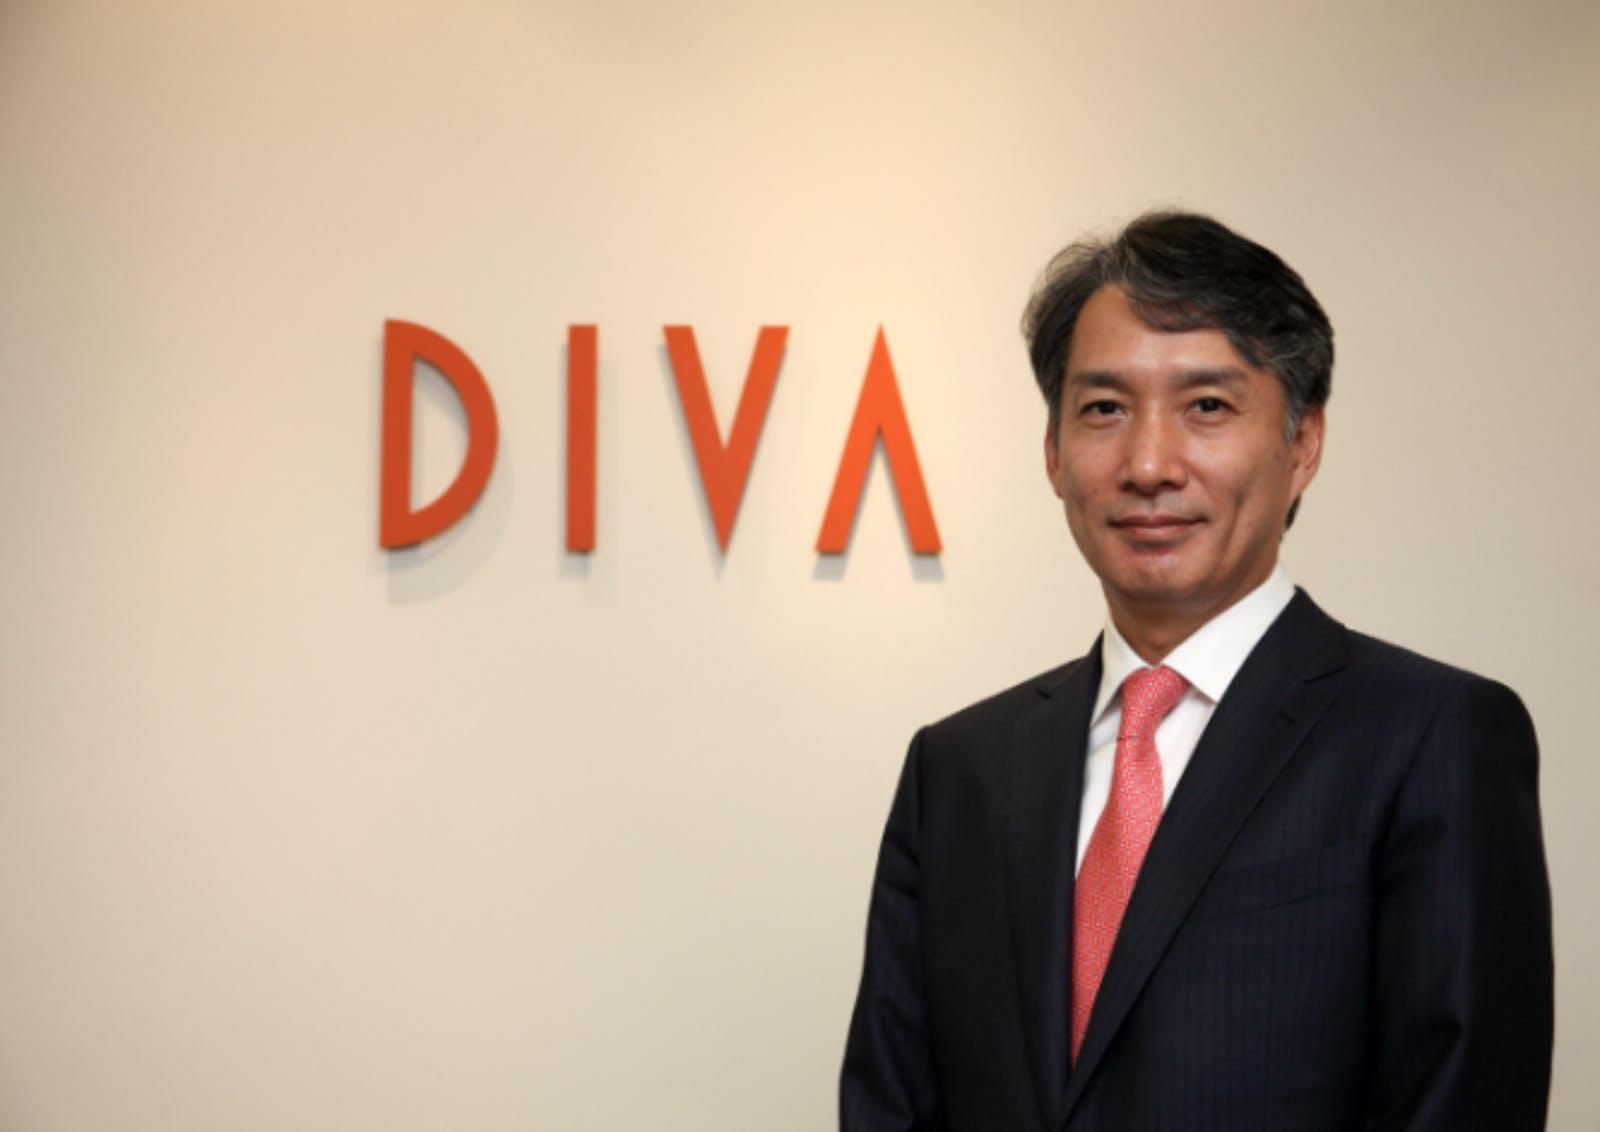 株式会社ディーバのアイキャッチ画像